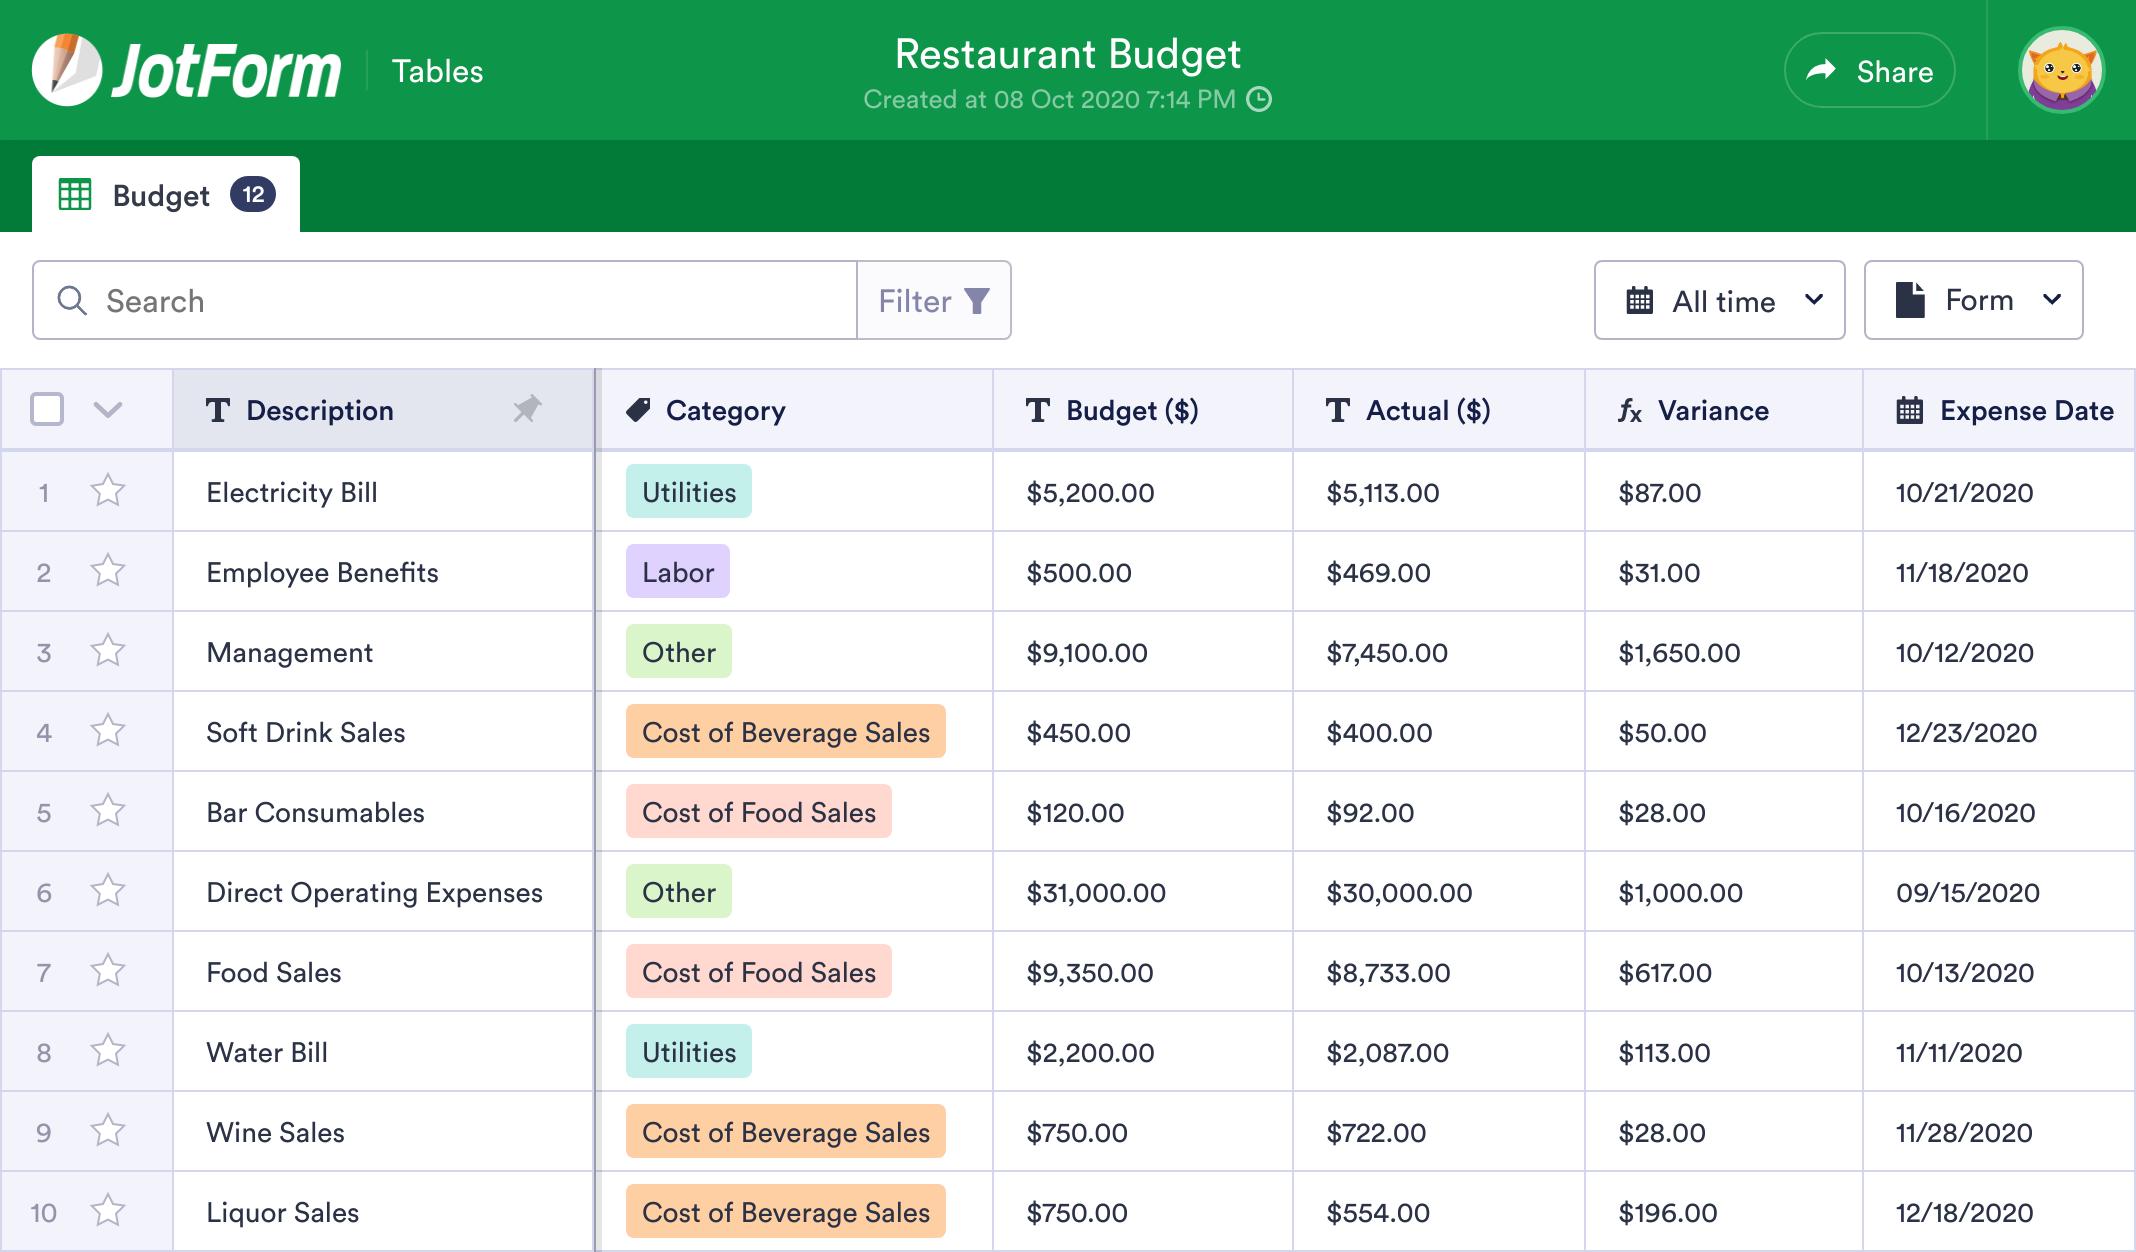 Restaurant Budget Template